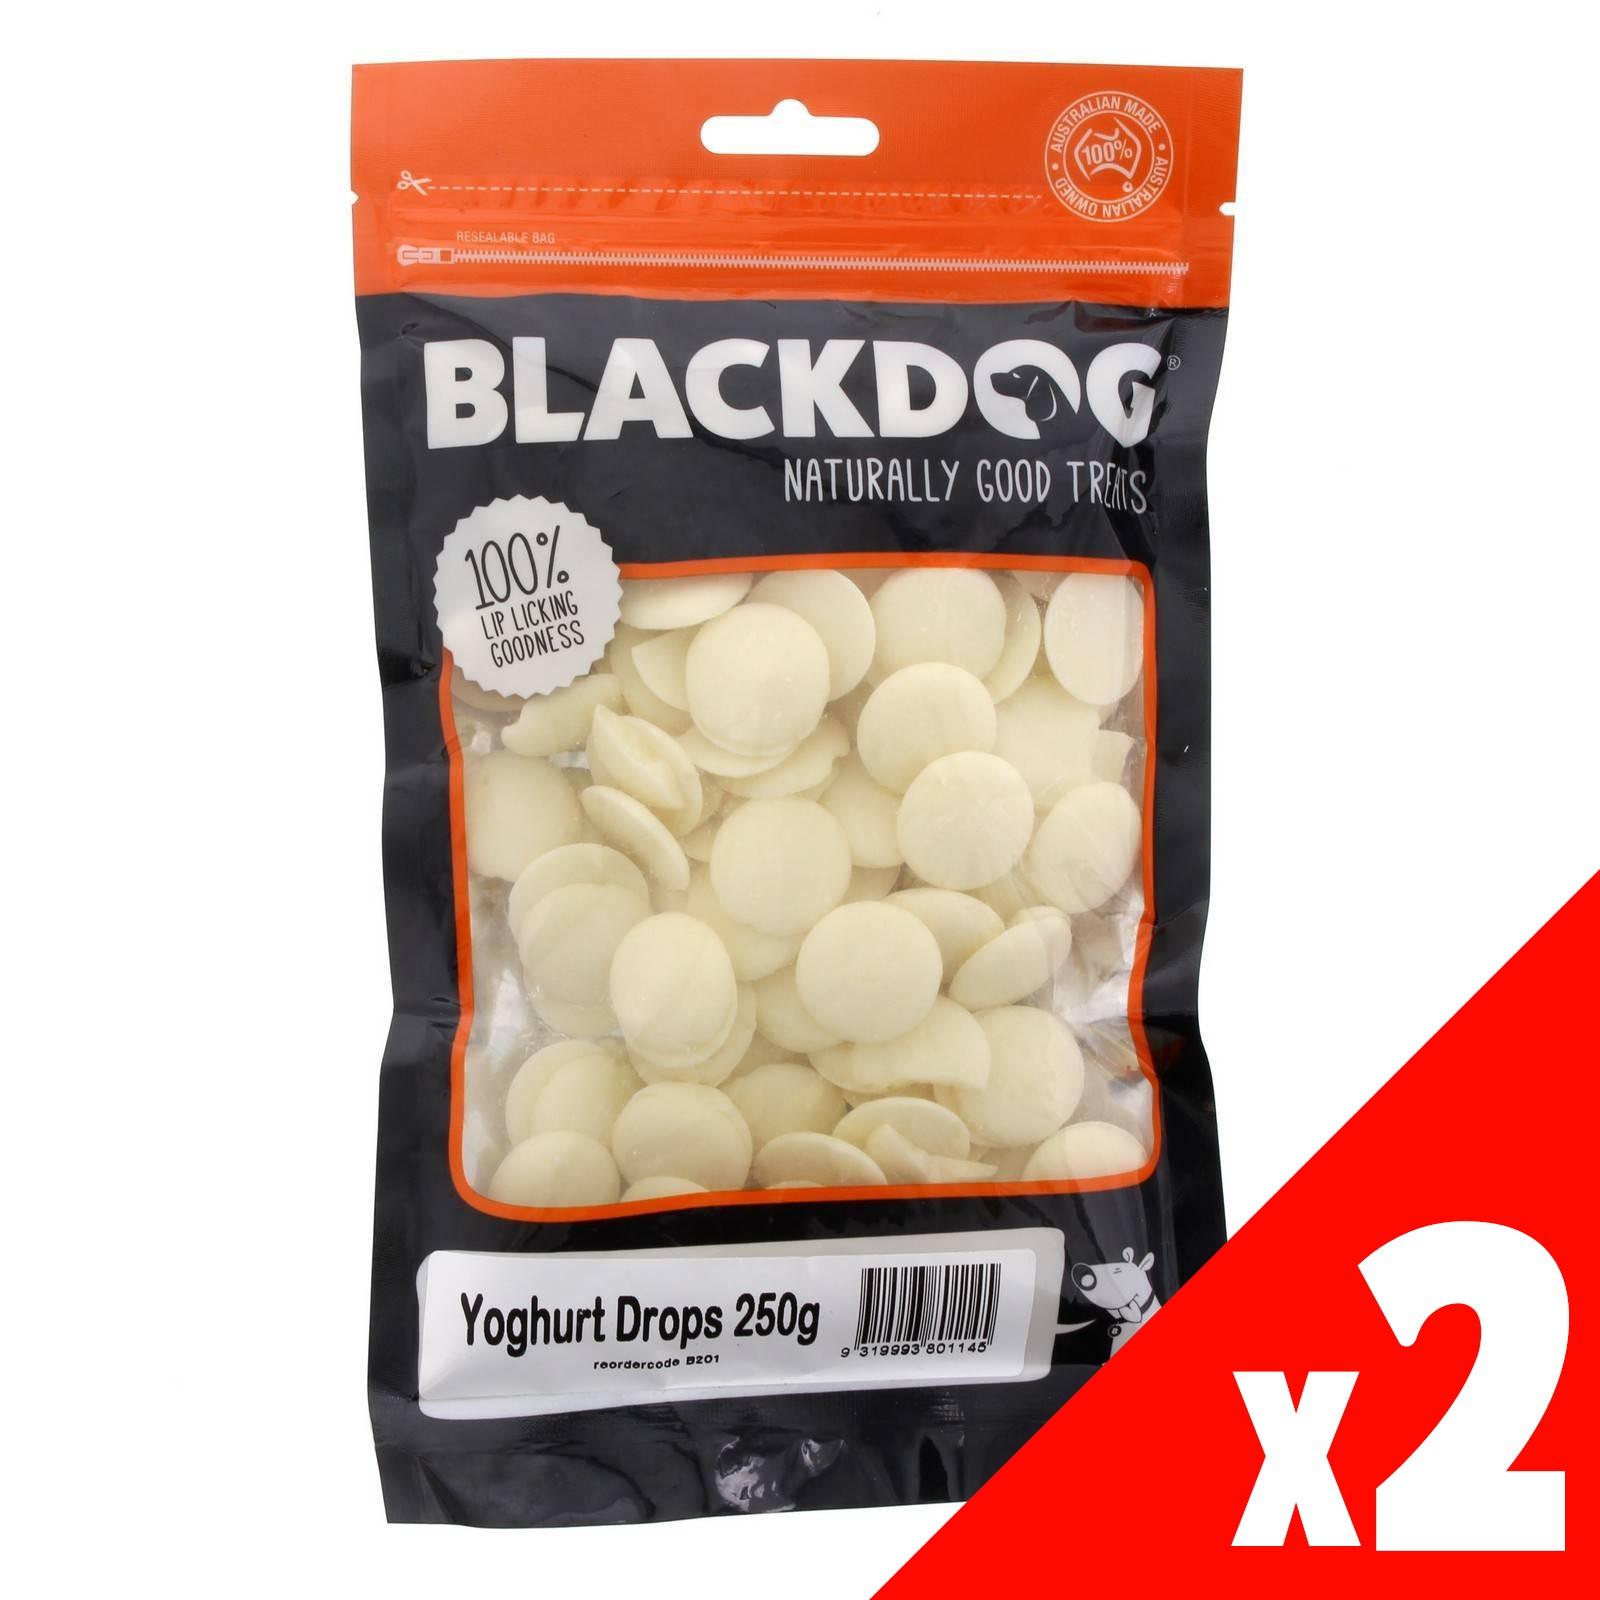 Yoghurt Drops BlackDog 250g x 2 Dog Treat Tasty Healthy